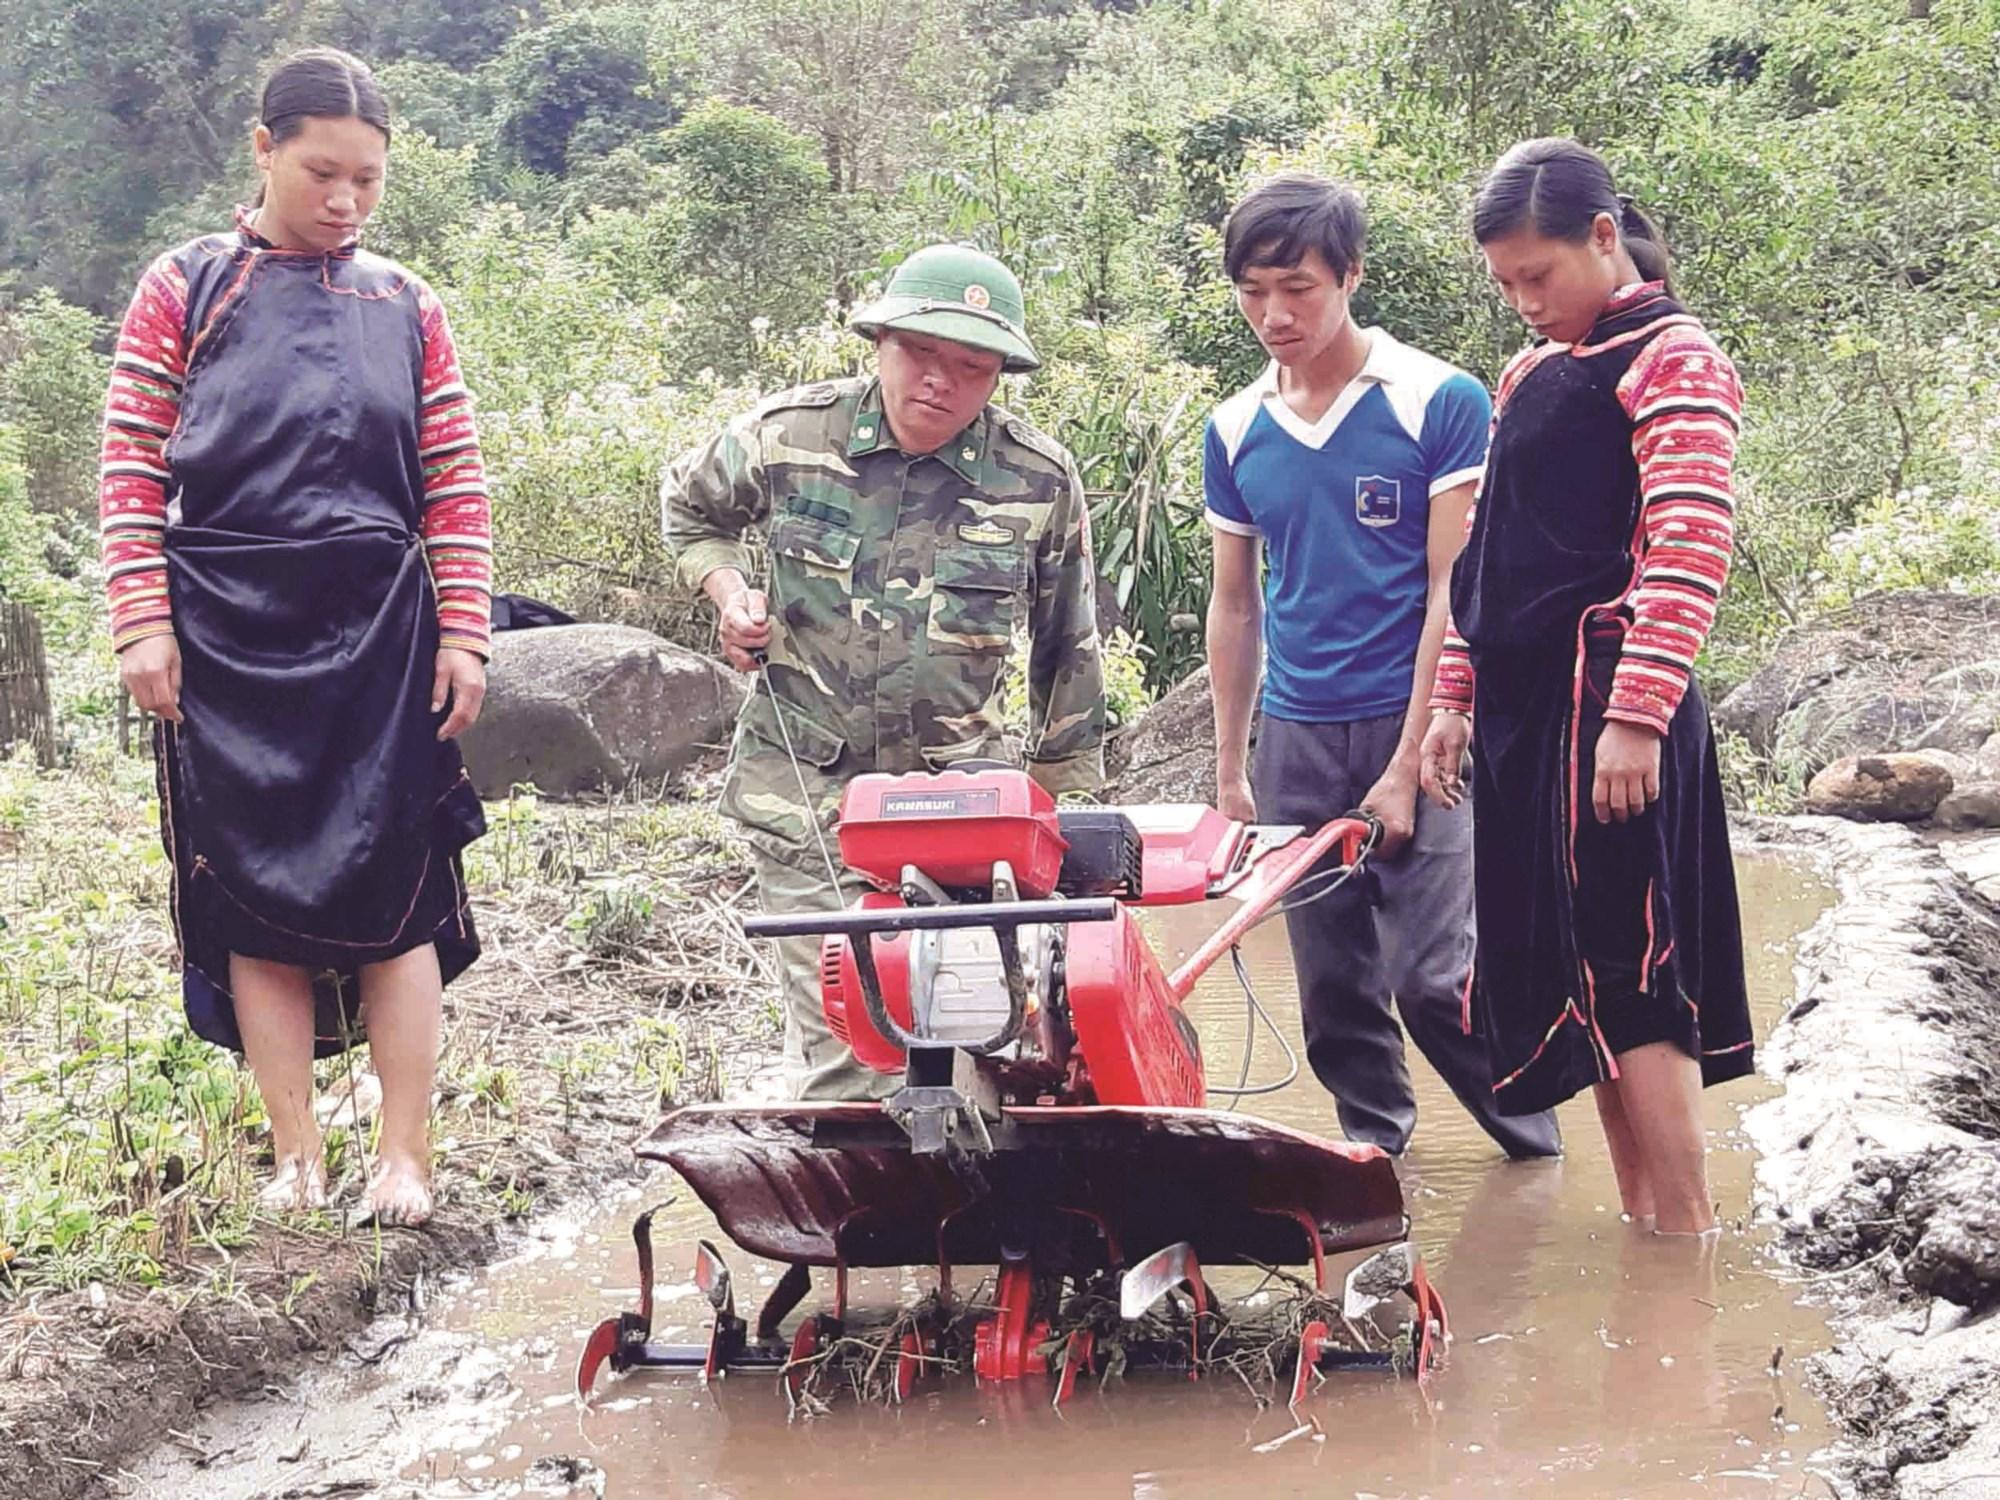 Bộ đội Biên phòng hướng dẫn người dân sử dụng máy cày làm đất trồng lúa nước.